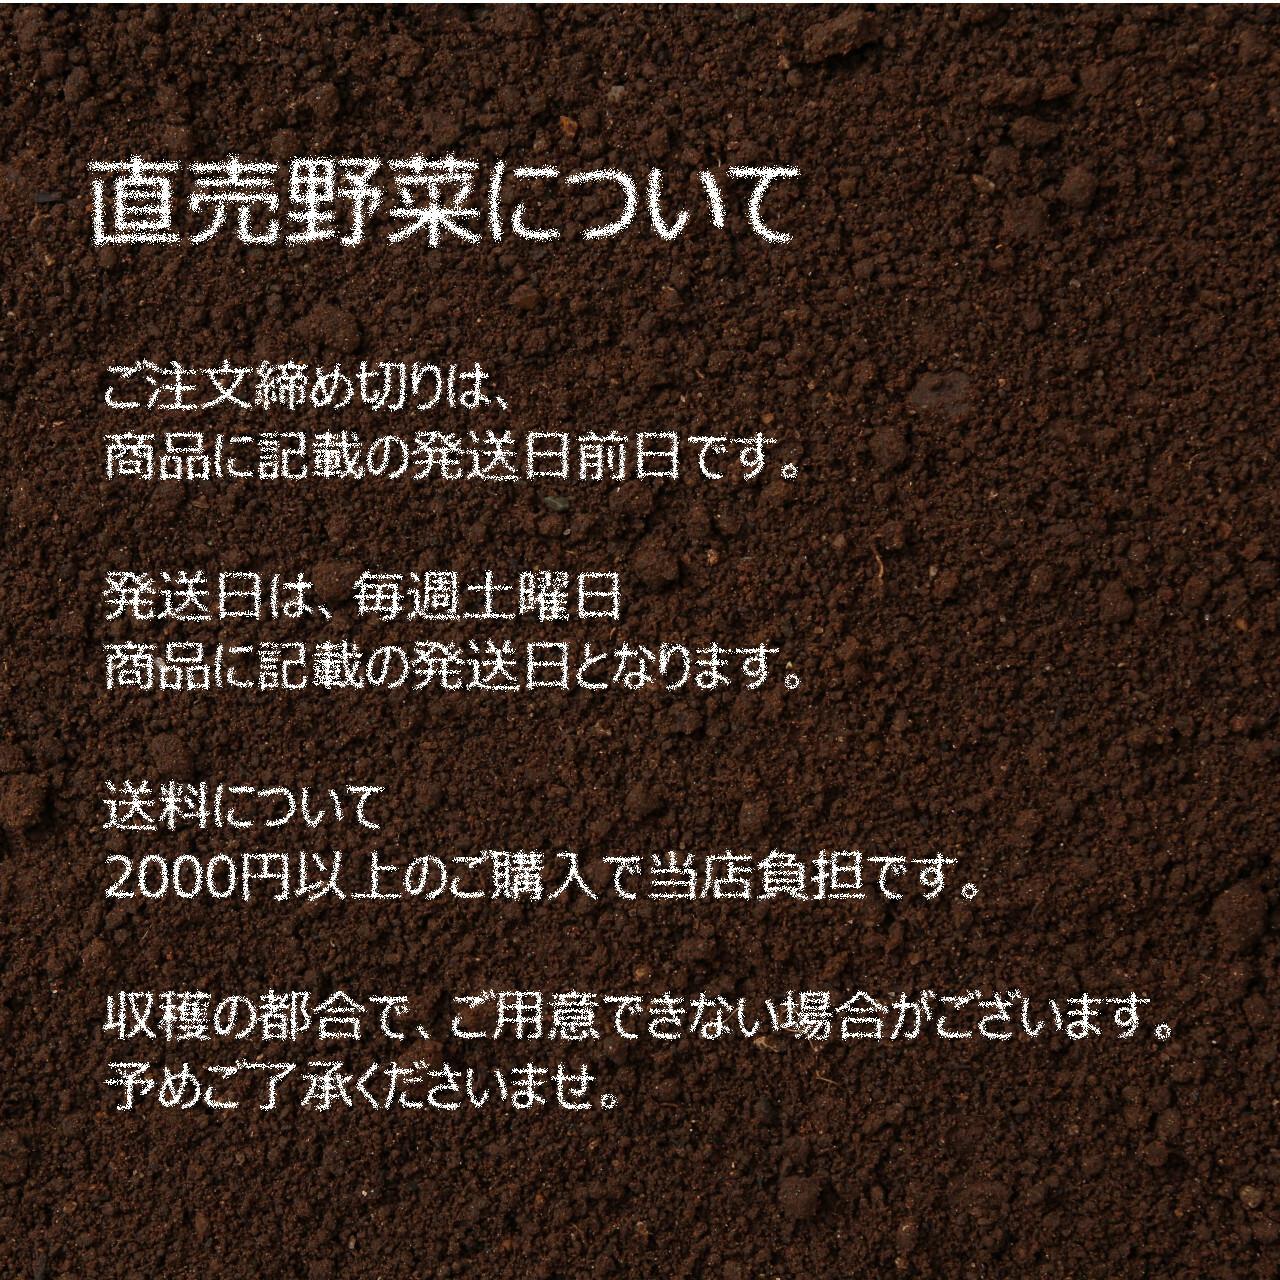 春の新鮮野菜 赤カブ 約10個前後 : 5月の朝採り直売野菜 5月30日発送予定